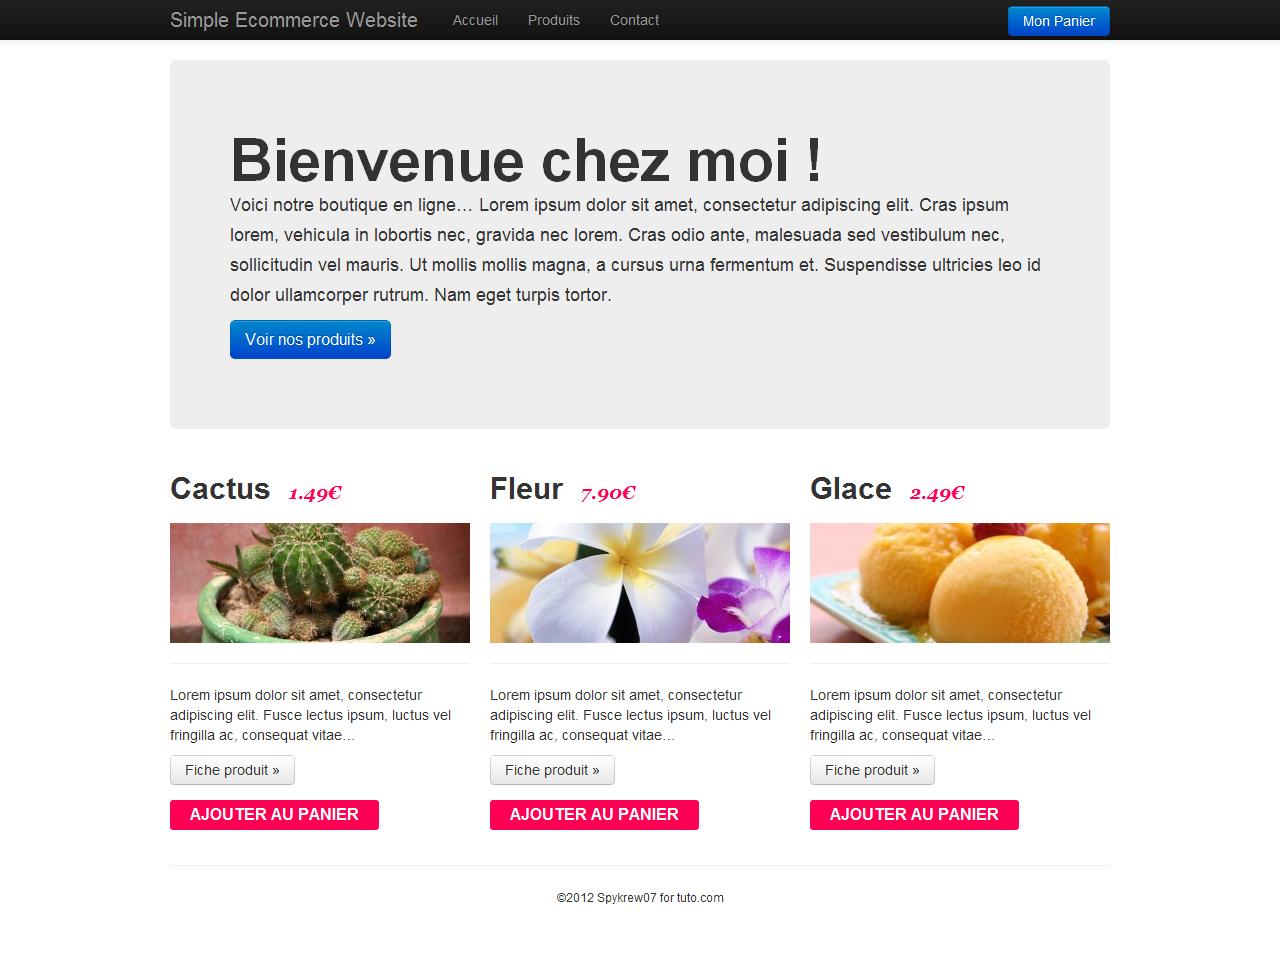 Tuto cr er une mini boutique ecommerce avec wordpress for Site de vente de plantes en ligne